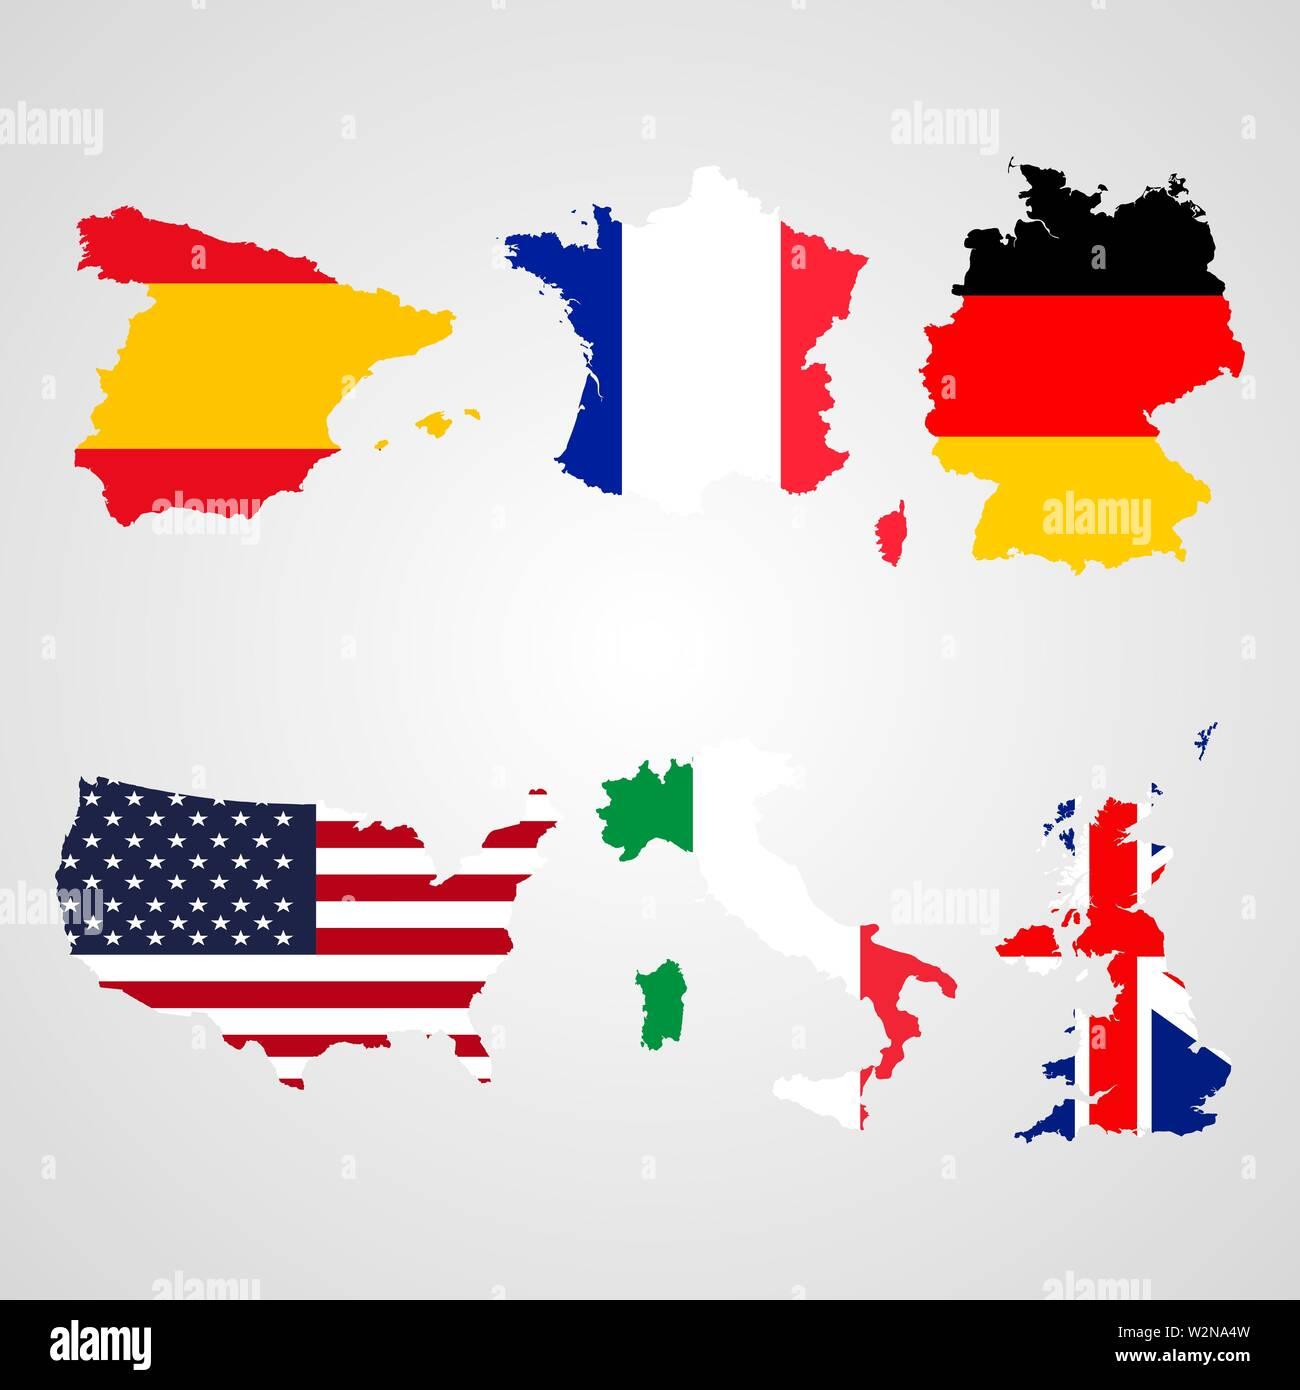 spanien deutschland karte Einstellen der Karte Flaggen Usa, Italien, Vereinigtes Königreich